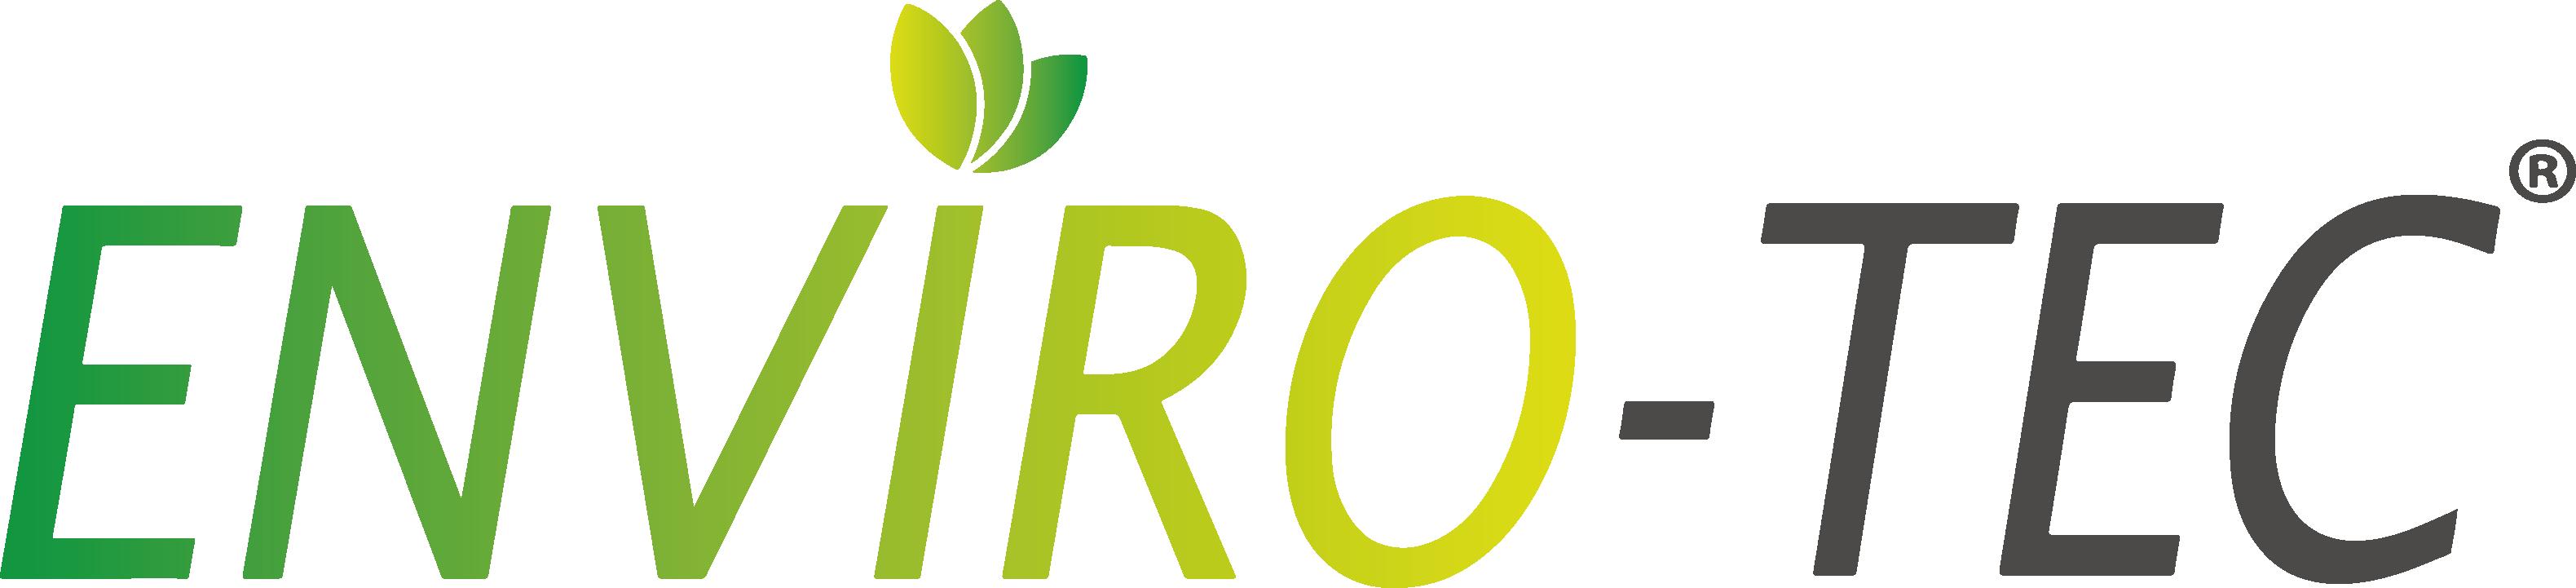 ENVIRO TEC logo